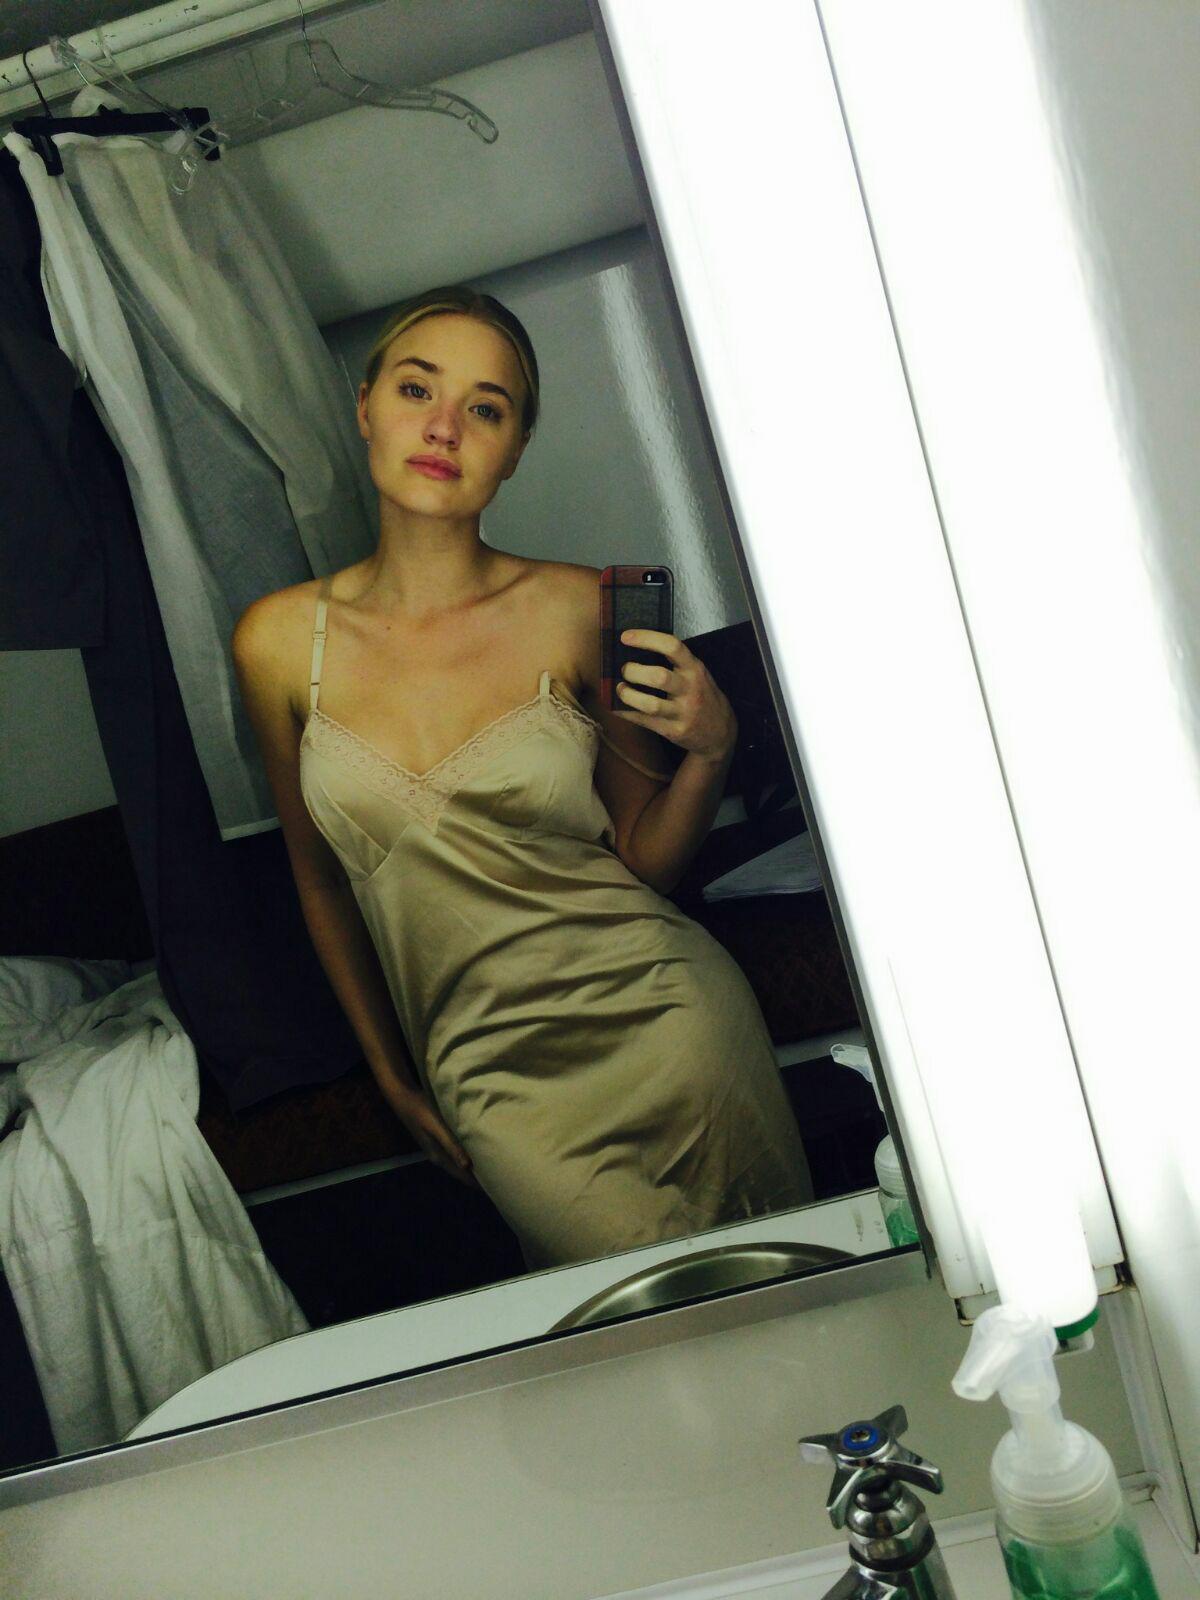 AJ Michalka leaked nude